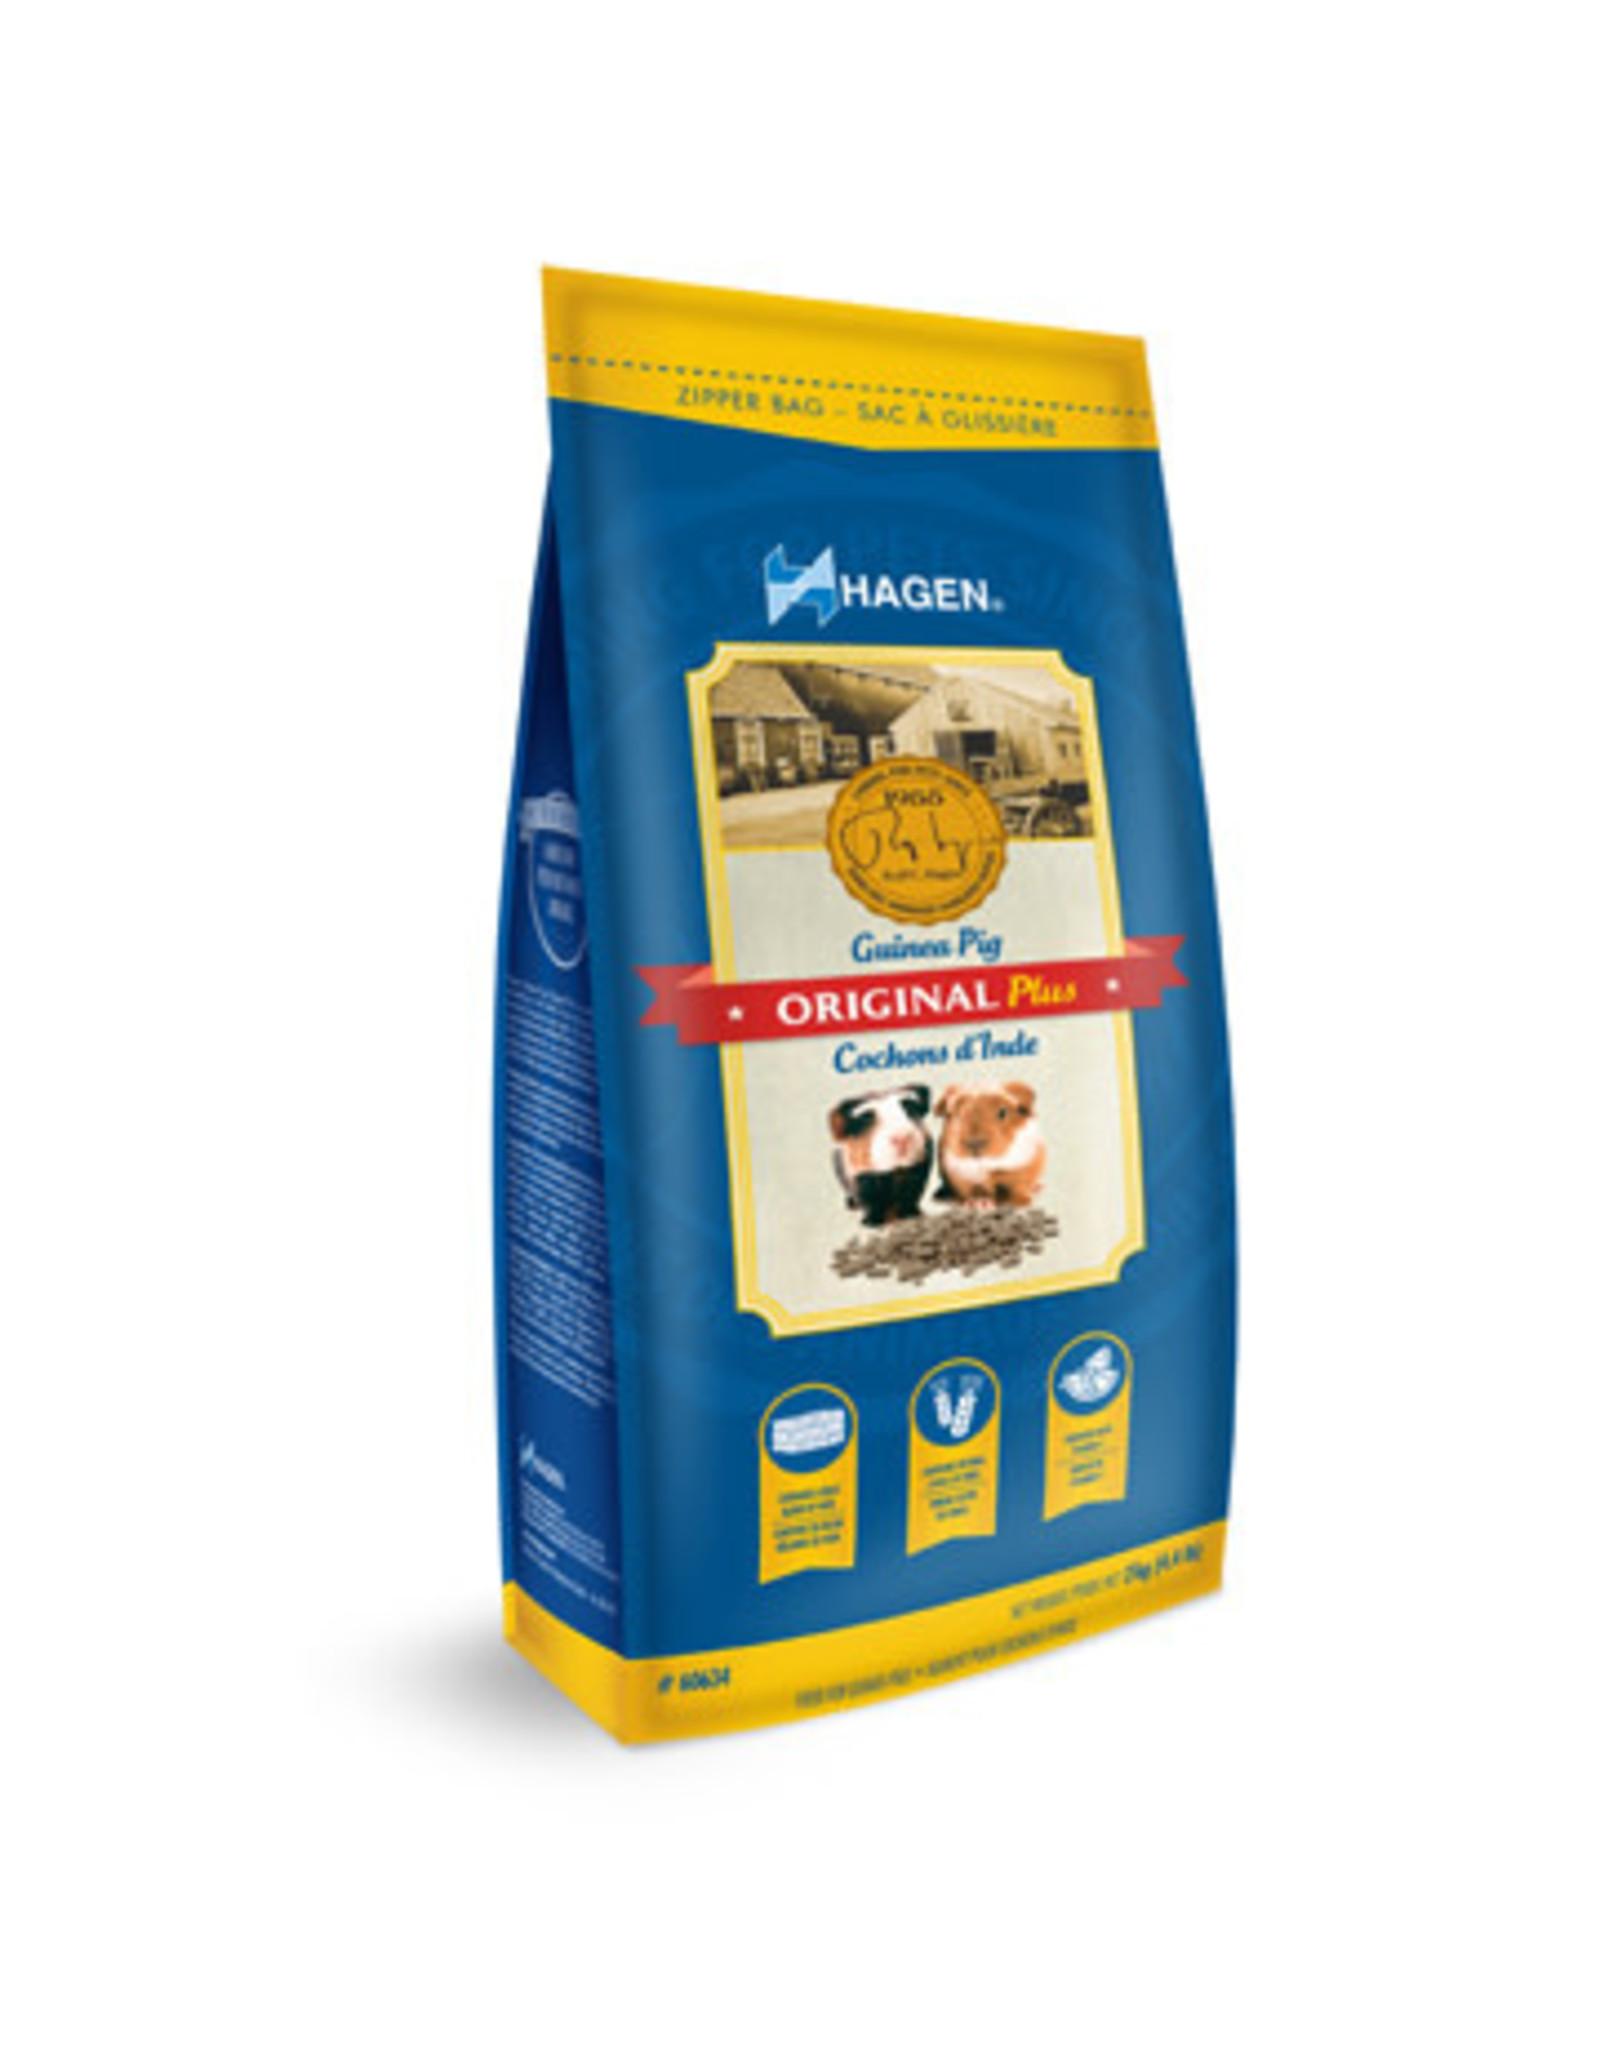 Hagen Hagen Original Plus Guinea Pig Food - 2 kg (4.4 lb)